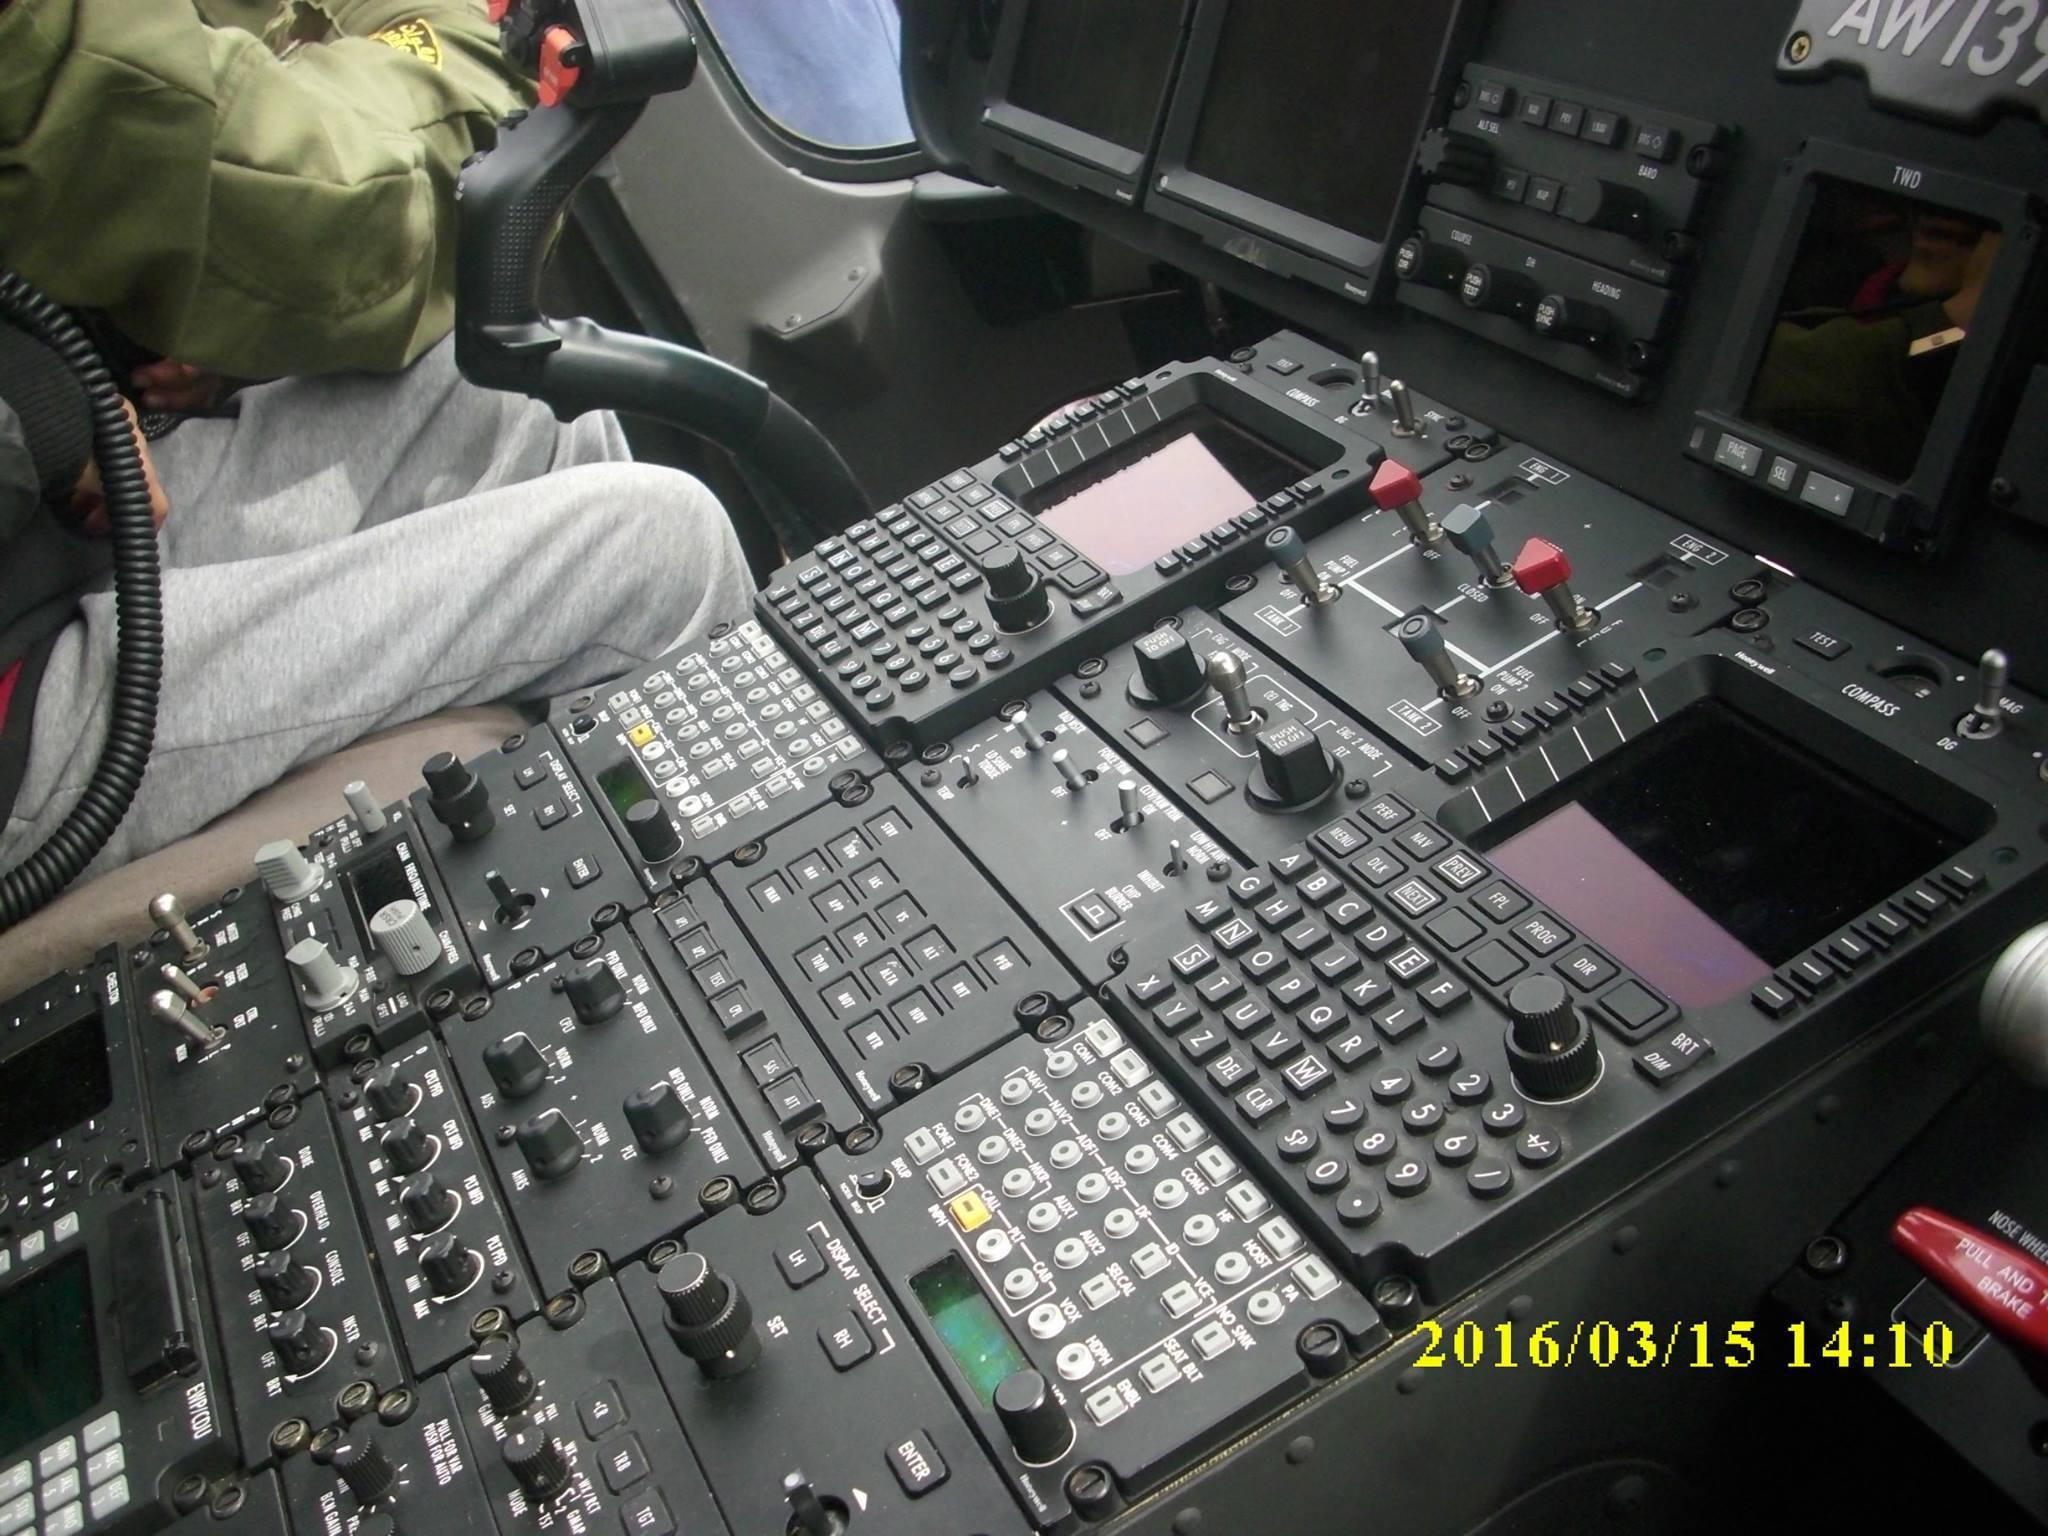 صور مروحيات القوات الجوية الجزائرية  [ AW-139 SAR ] - صفحة 2 25812242441_fdf18bc276_o